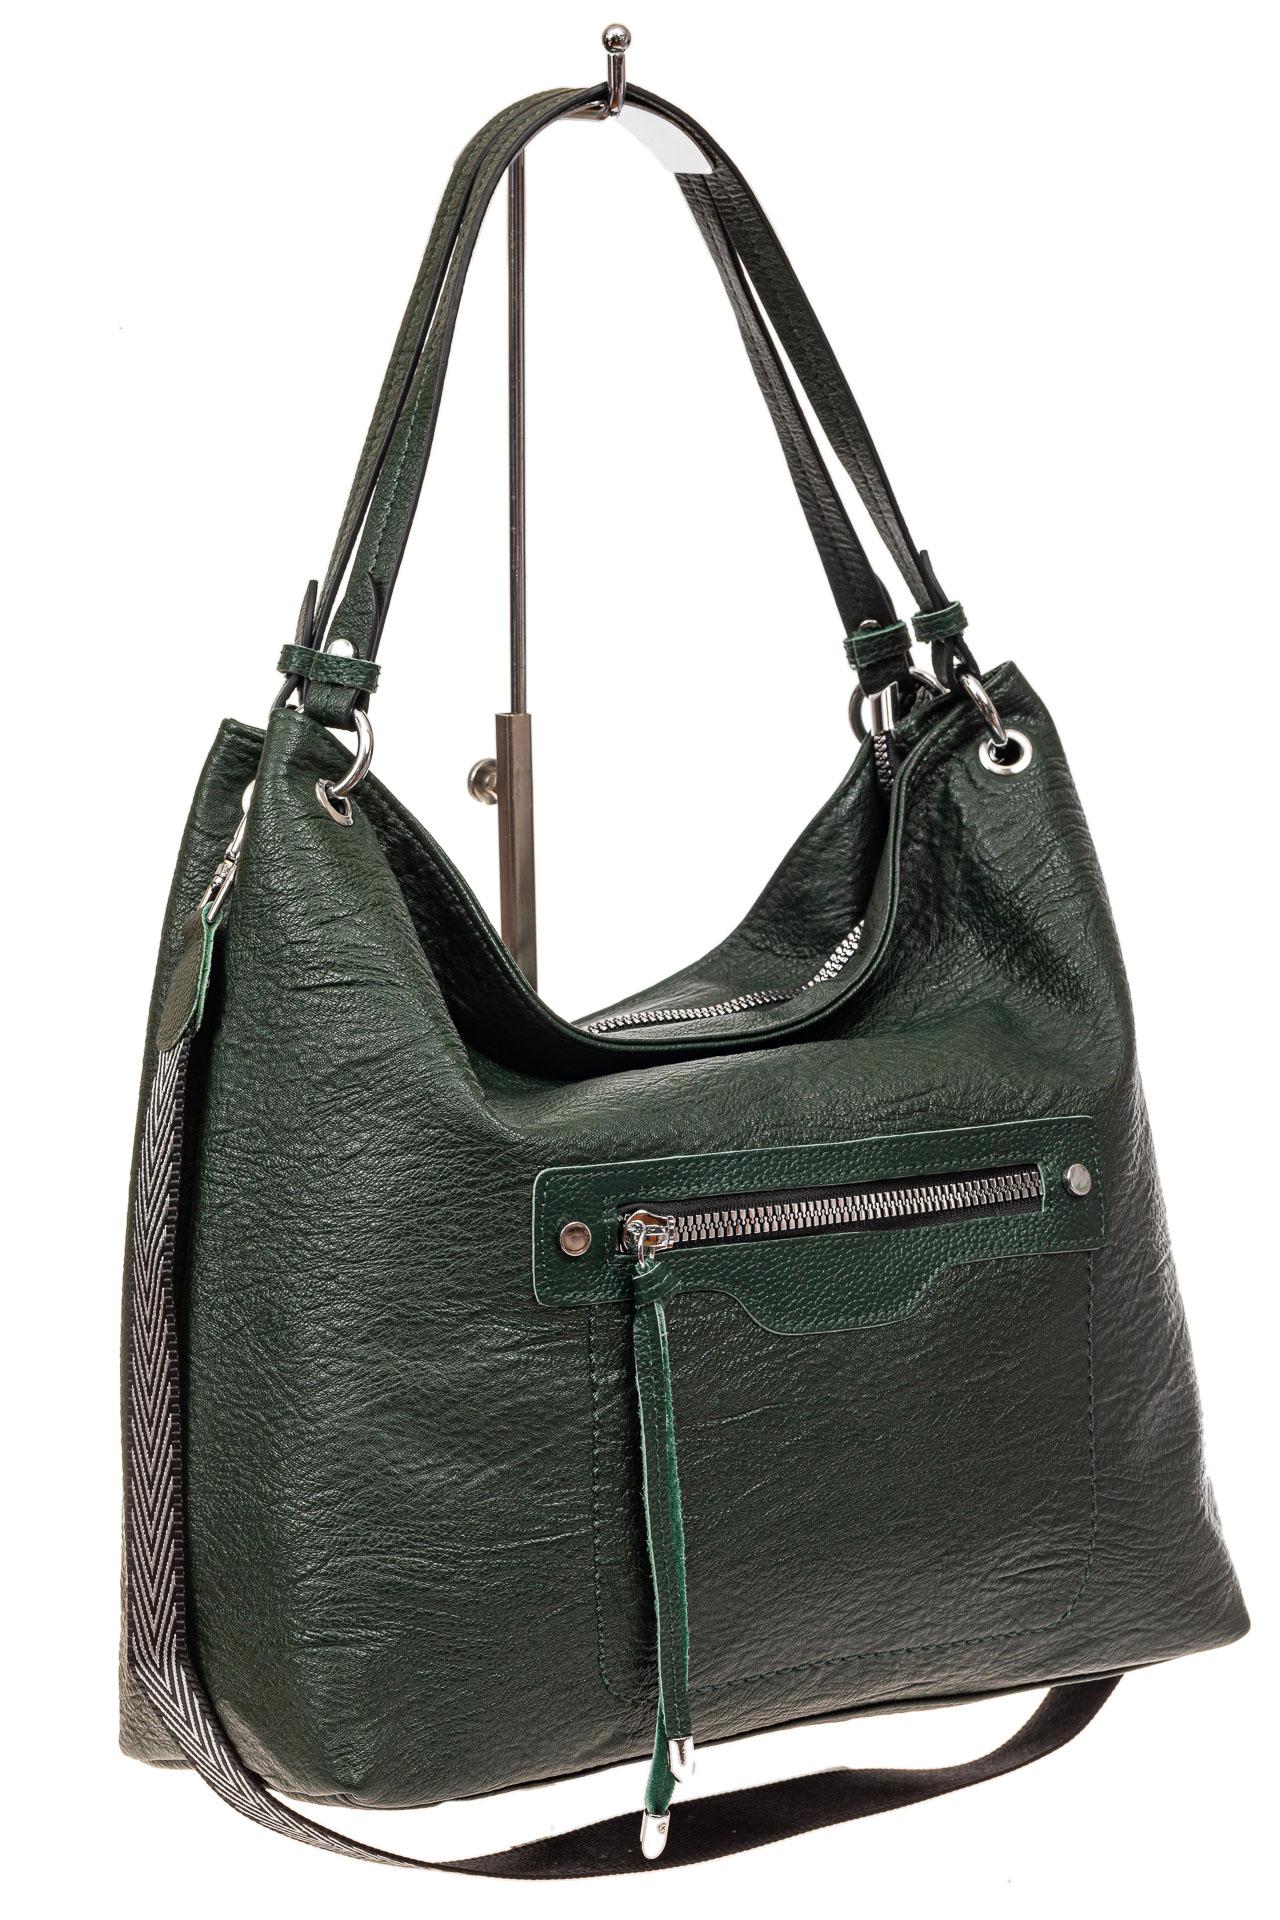 Большая женская сумка из искусственной кожи, цвет зеленый669-20PU1019/7